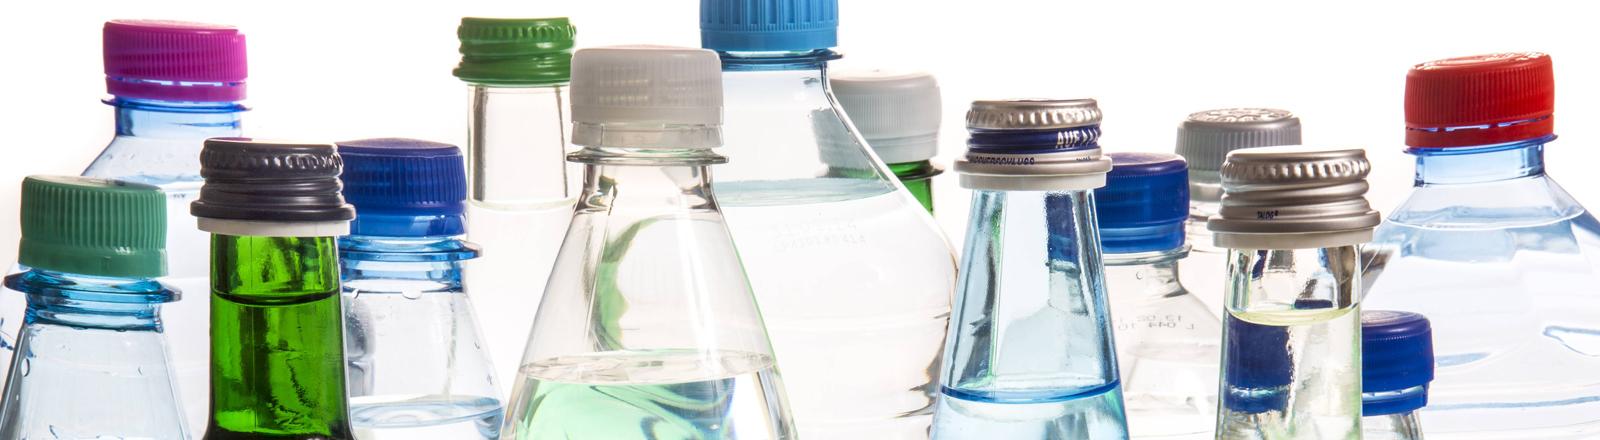 Eine Sammlung an Glas- und Plastikflaschen